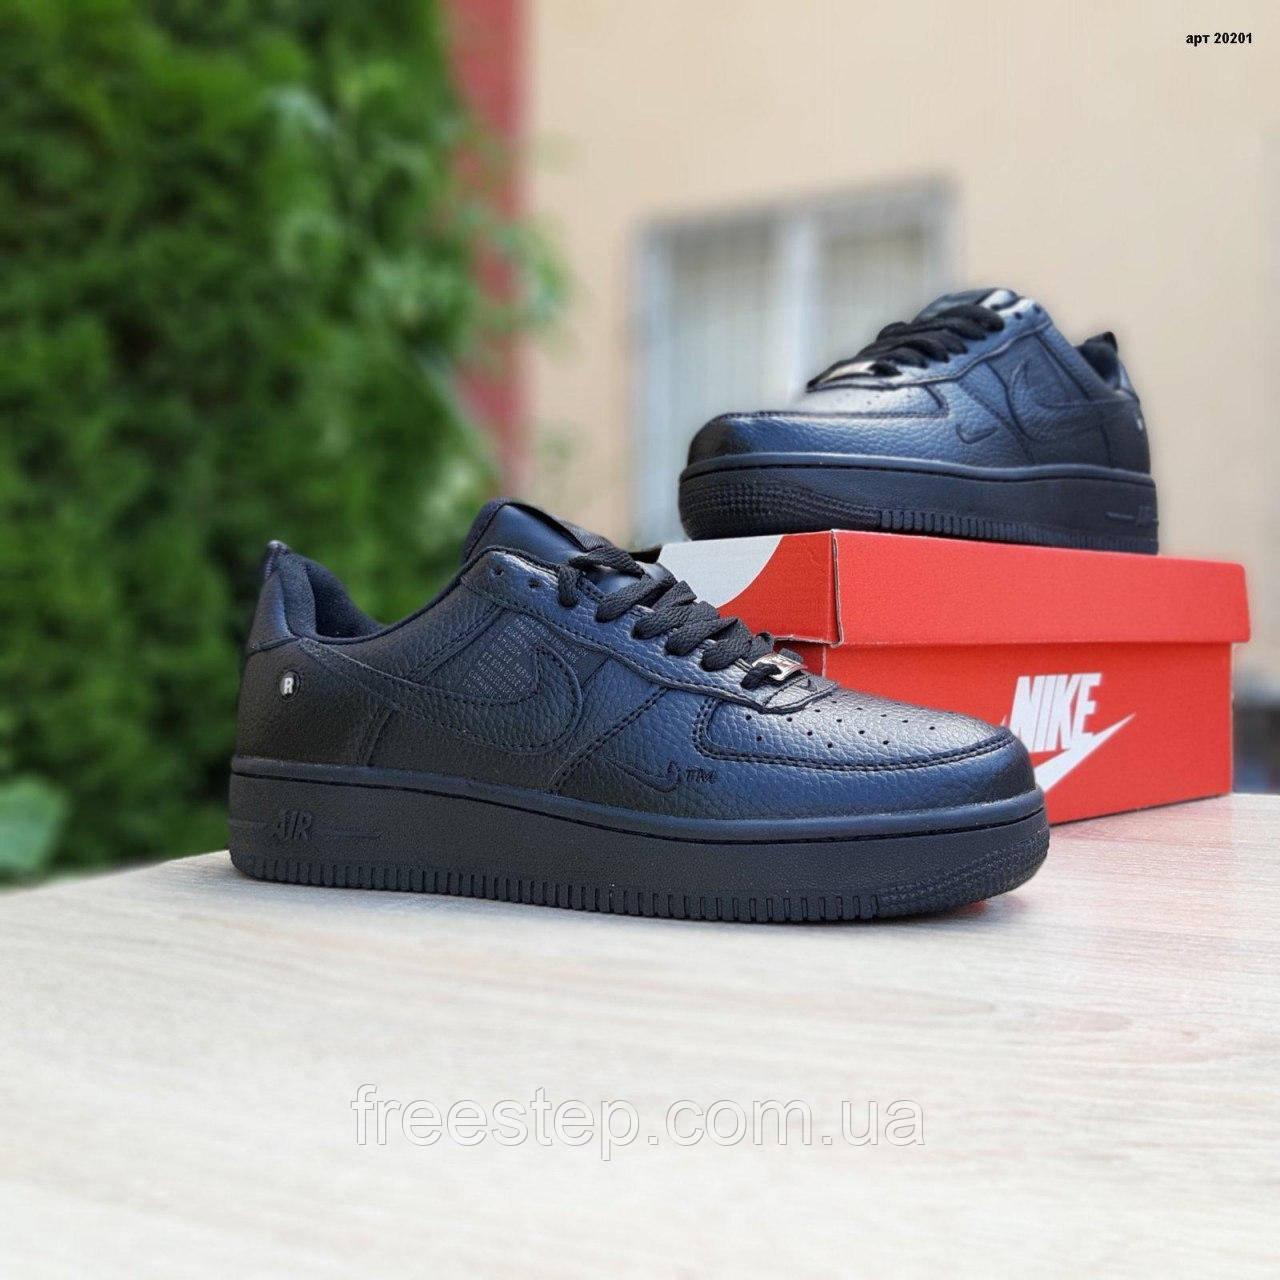 Жіночі кросівки в стилі Nike Air Force чорні